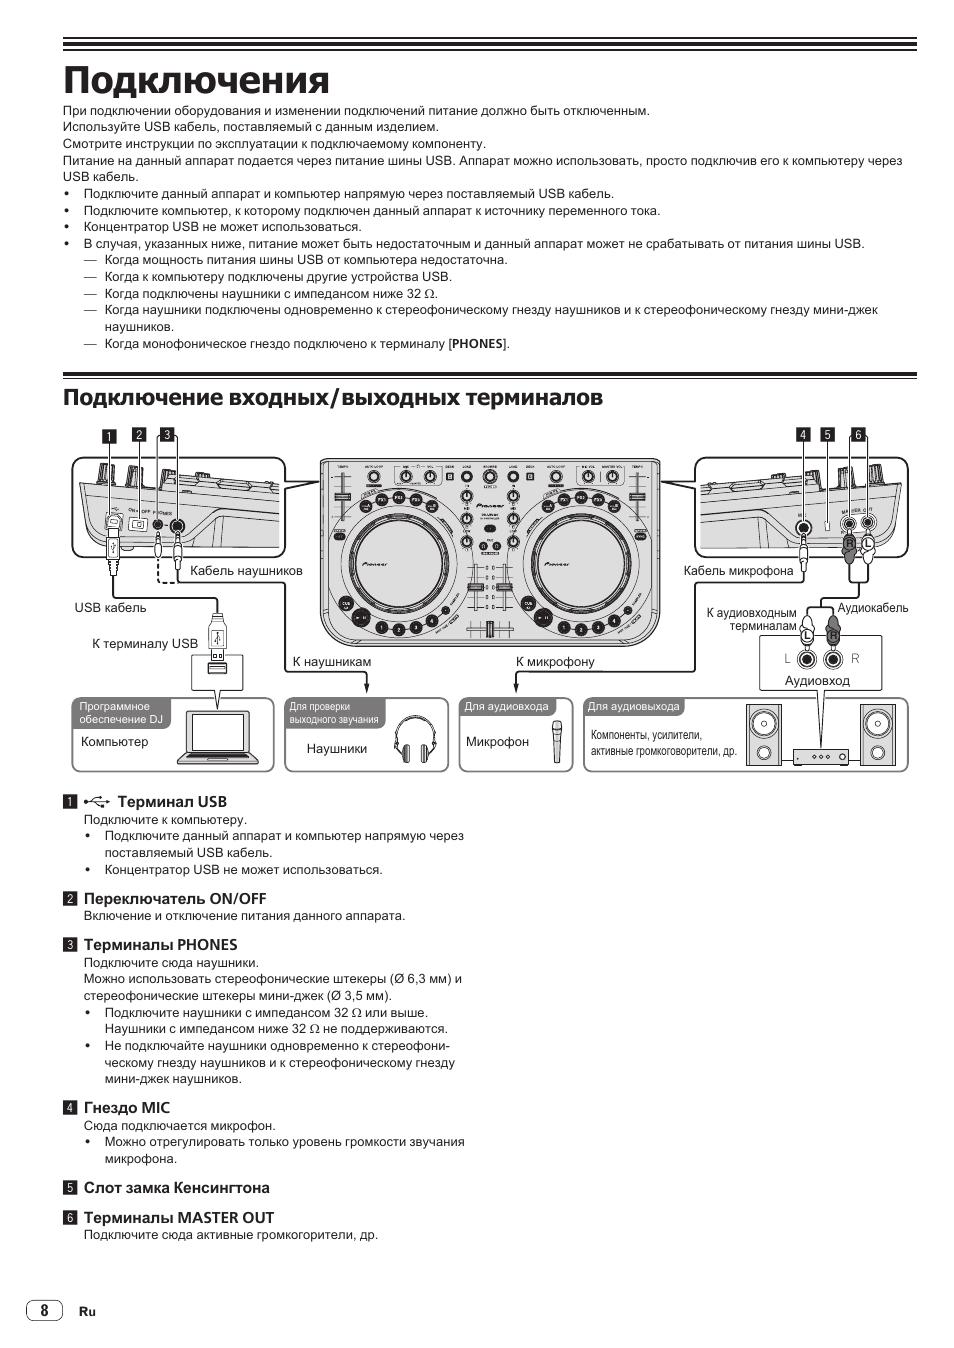 Инструкция по эксплуатации терминалов